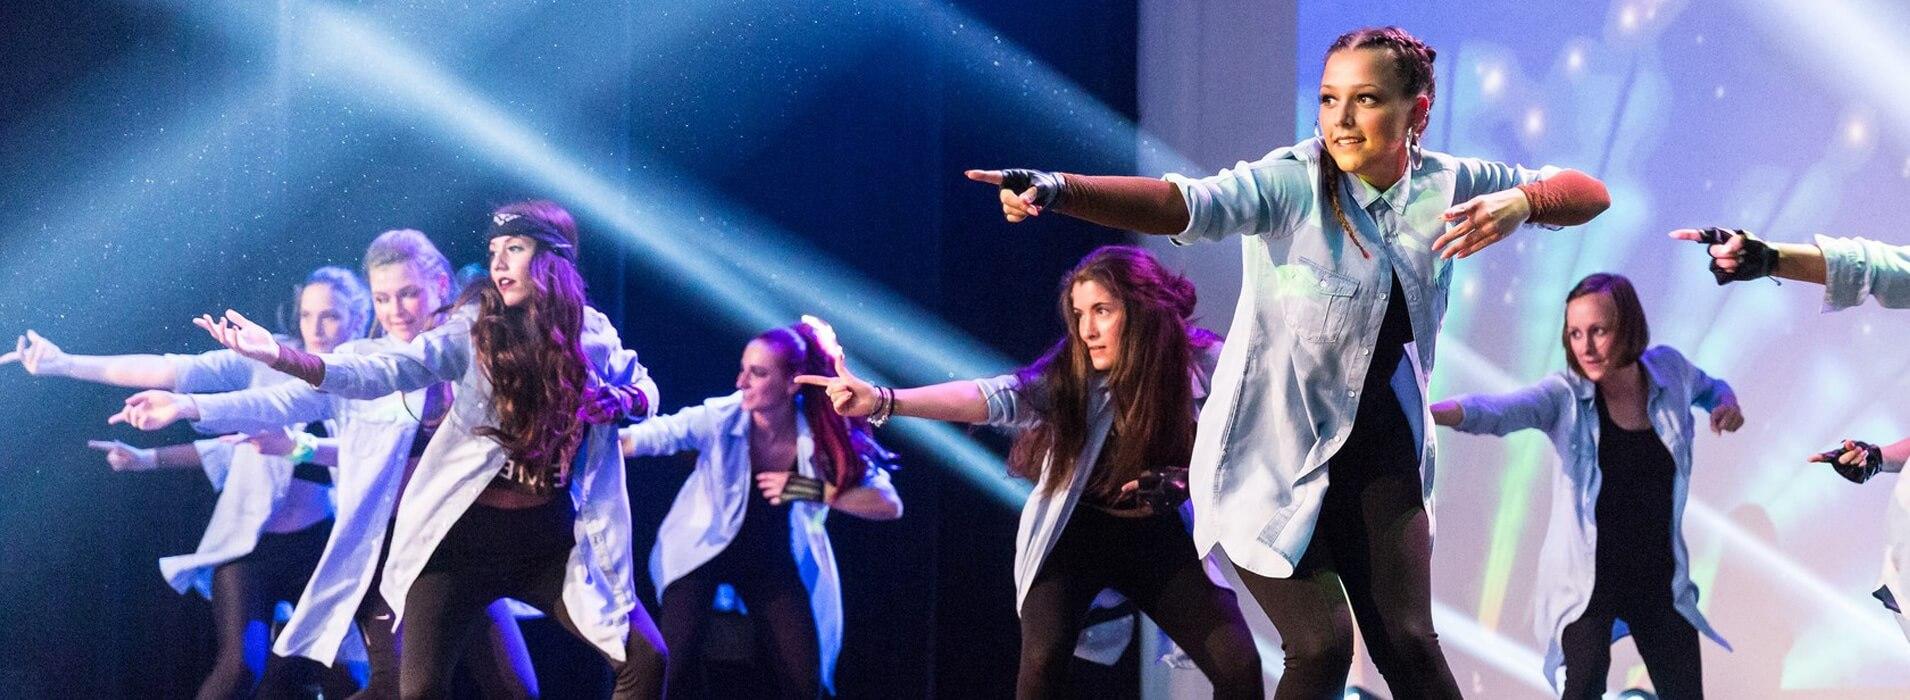 Nous offrons à notre jeunesse des cours de danse hyper tendance qui rencontrent les univers musicaux dans lesquels elle grandit.